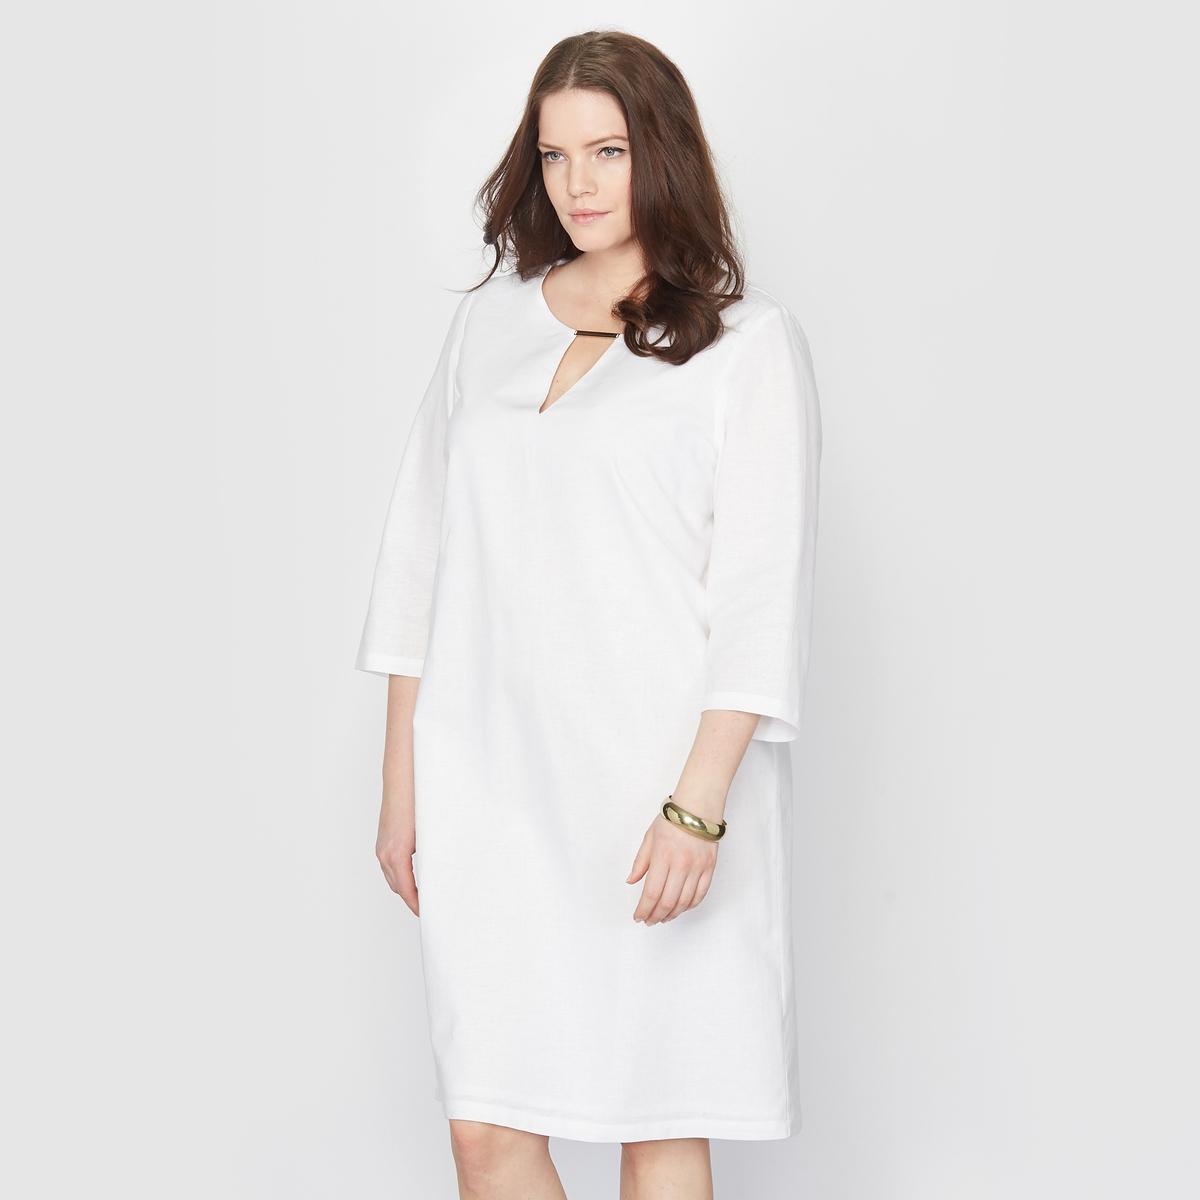 Платье изо льна и хлопкаМаленькое белое платье изо льна и хлопка.Незаменимо в летнем гардеробе. Декольте с деталью в виде украшения. 55 % льна, 45 % хлопка. V-образный вырез.   Рукава 3/4.Длина: 96 см.<br><br>Цвет: белый<br>Размер: 44 (FR) - 50 (RUS).46 (FR) - 52 (RUS)